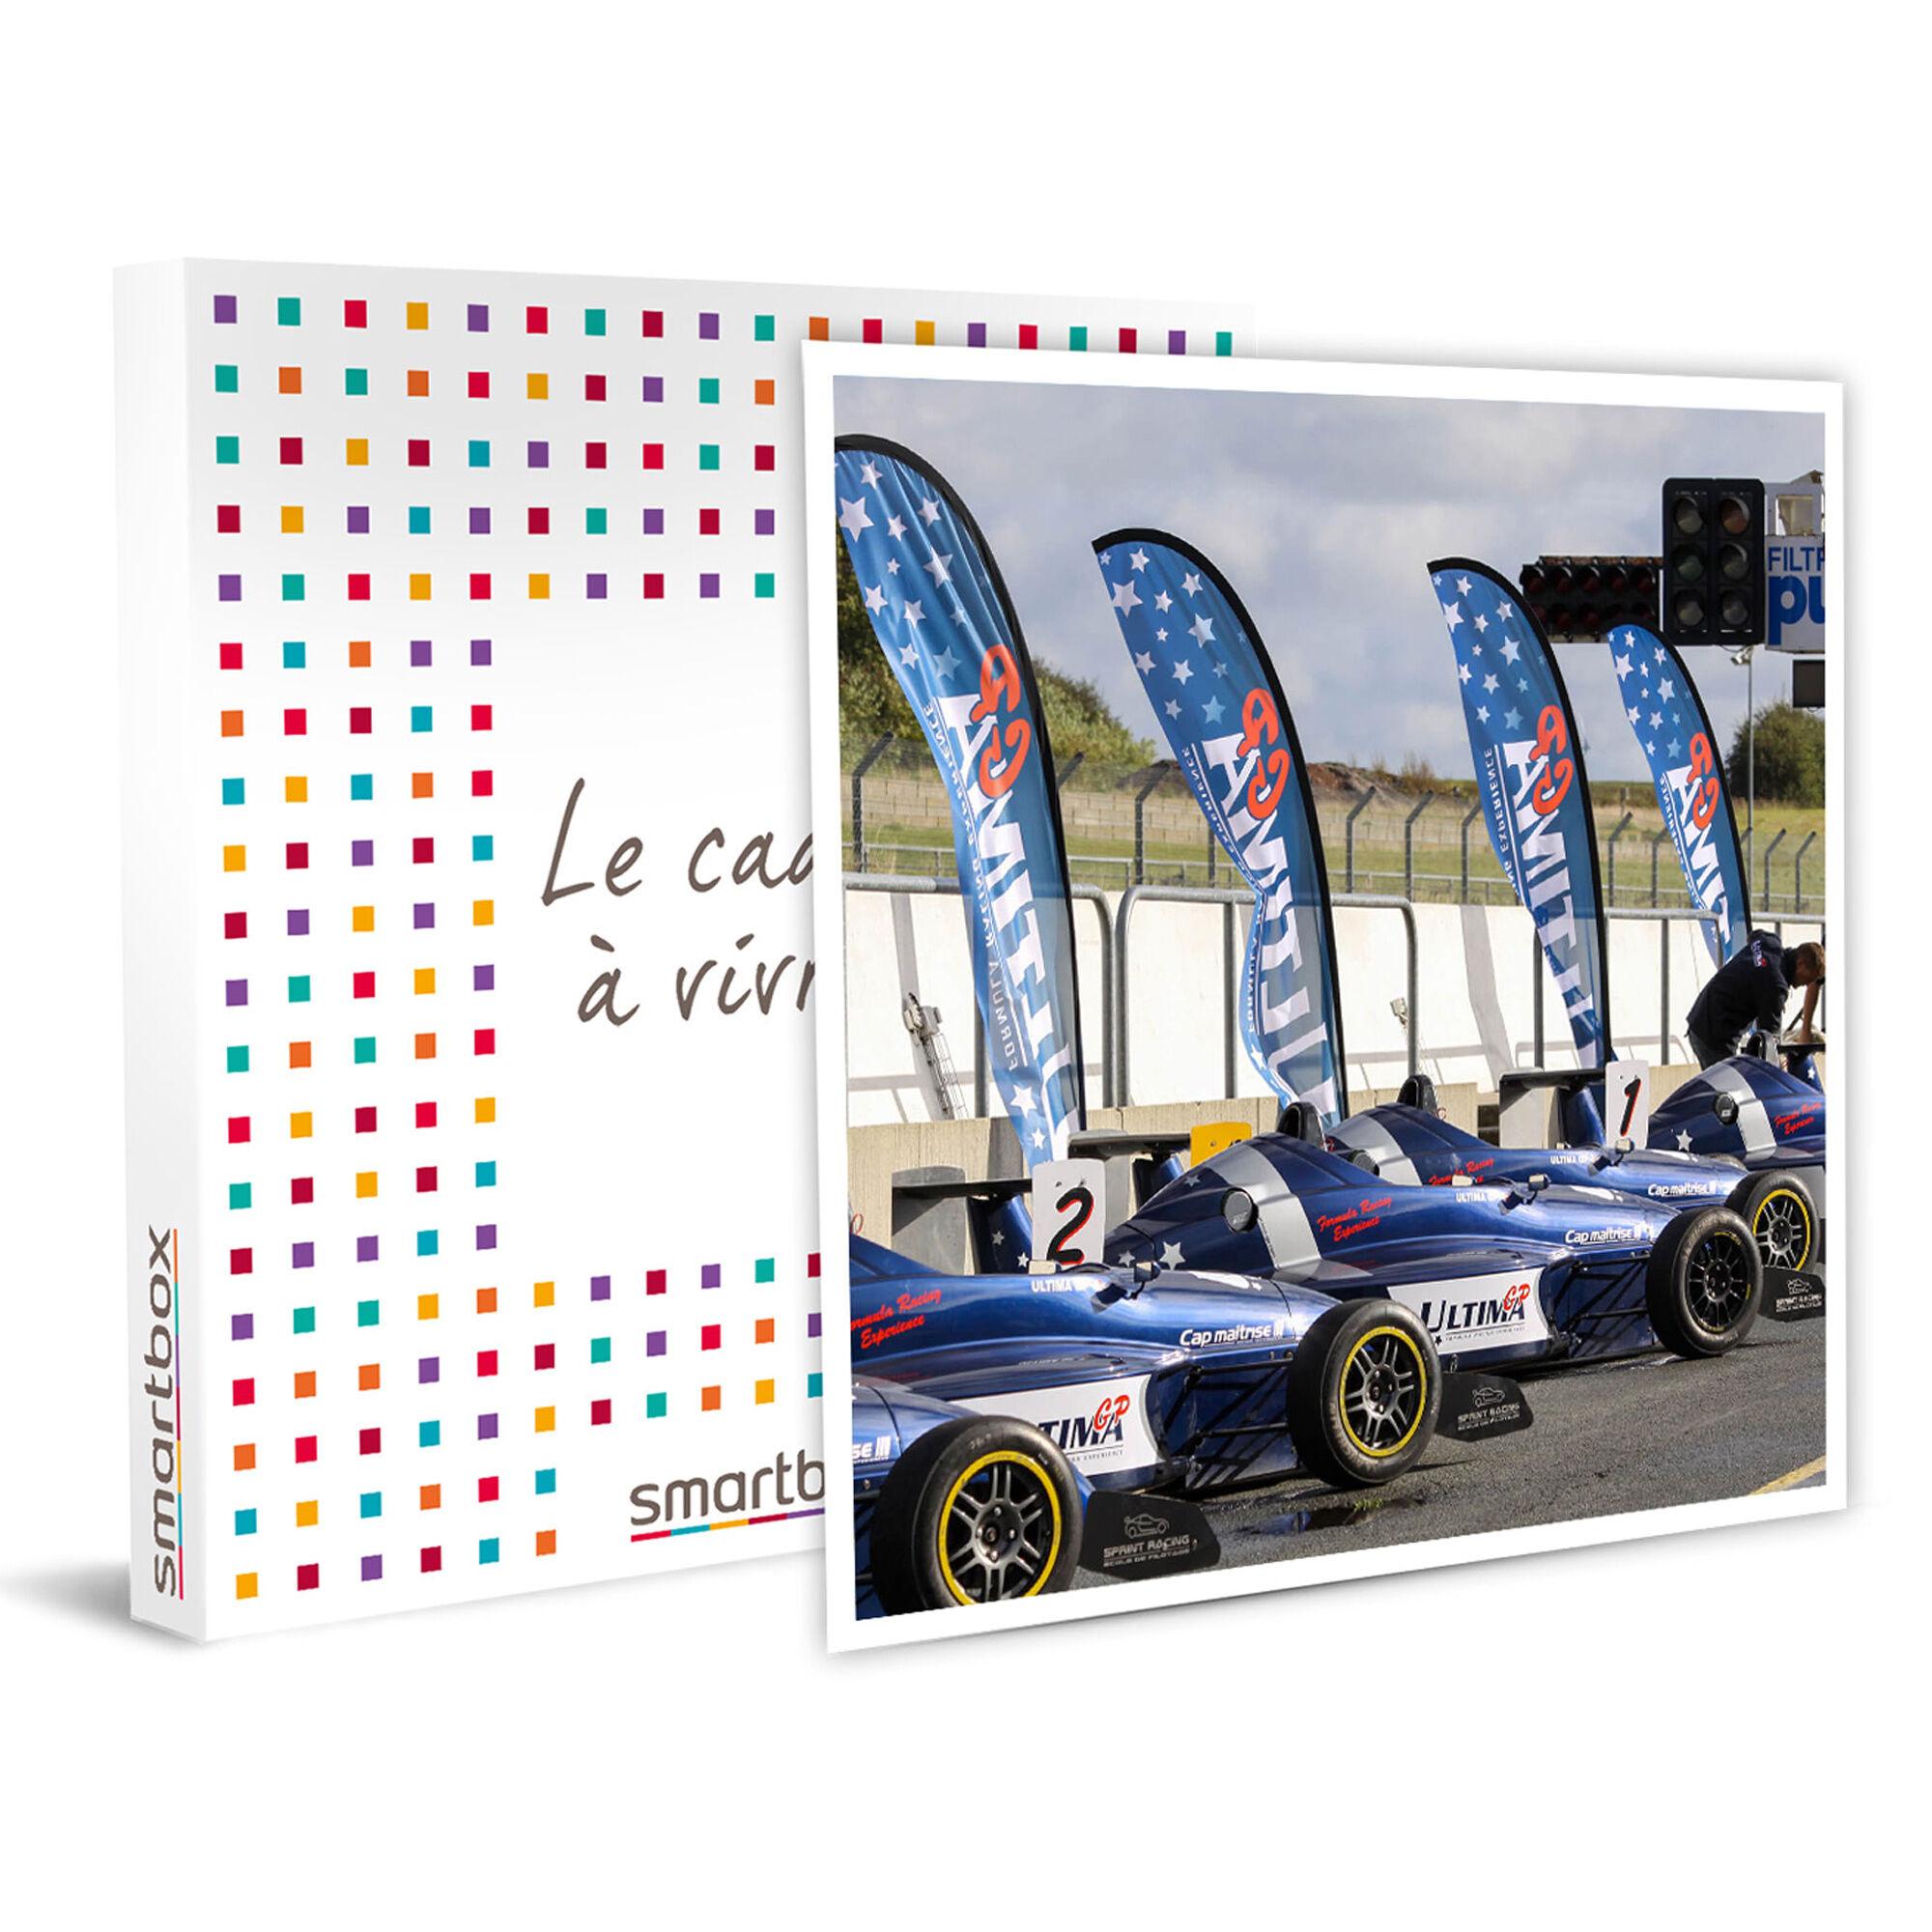 Smartbox Session de pilotage au volant d'une Formule Renault pour 1 personne Coffret cadeau Smartbox